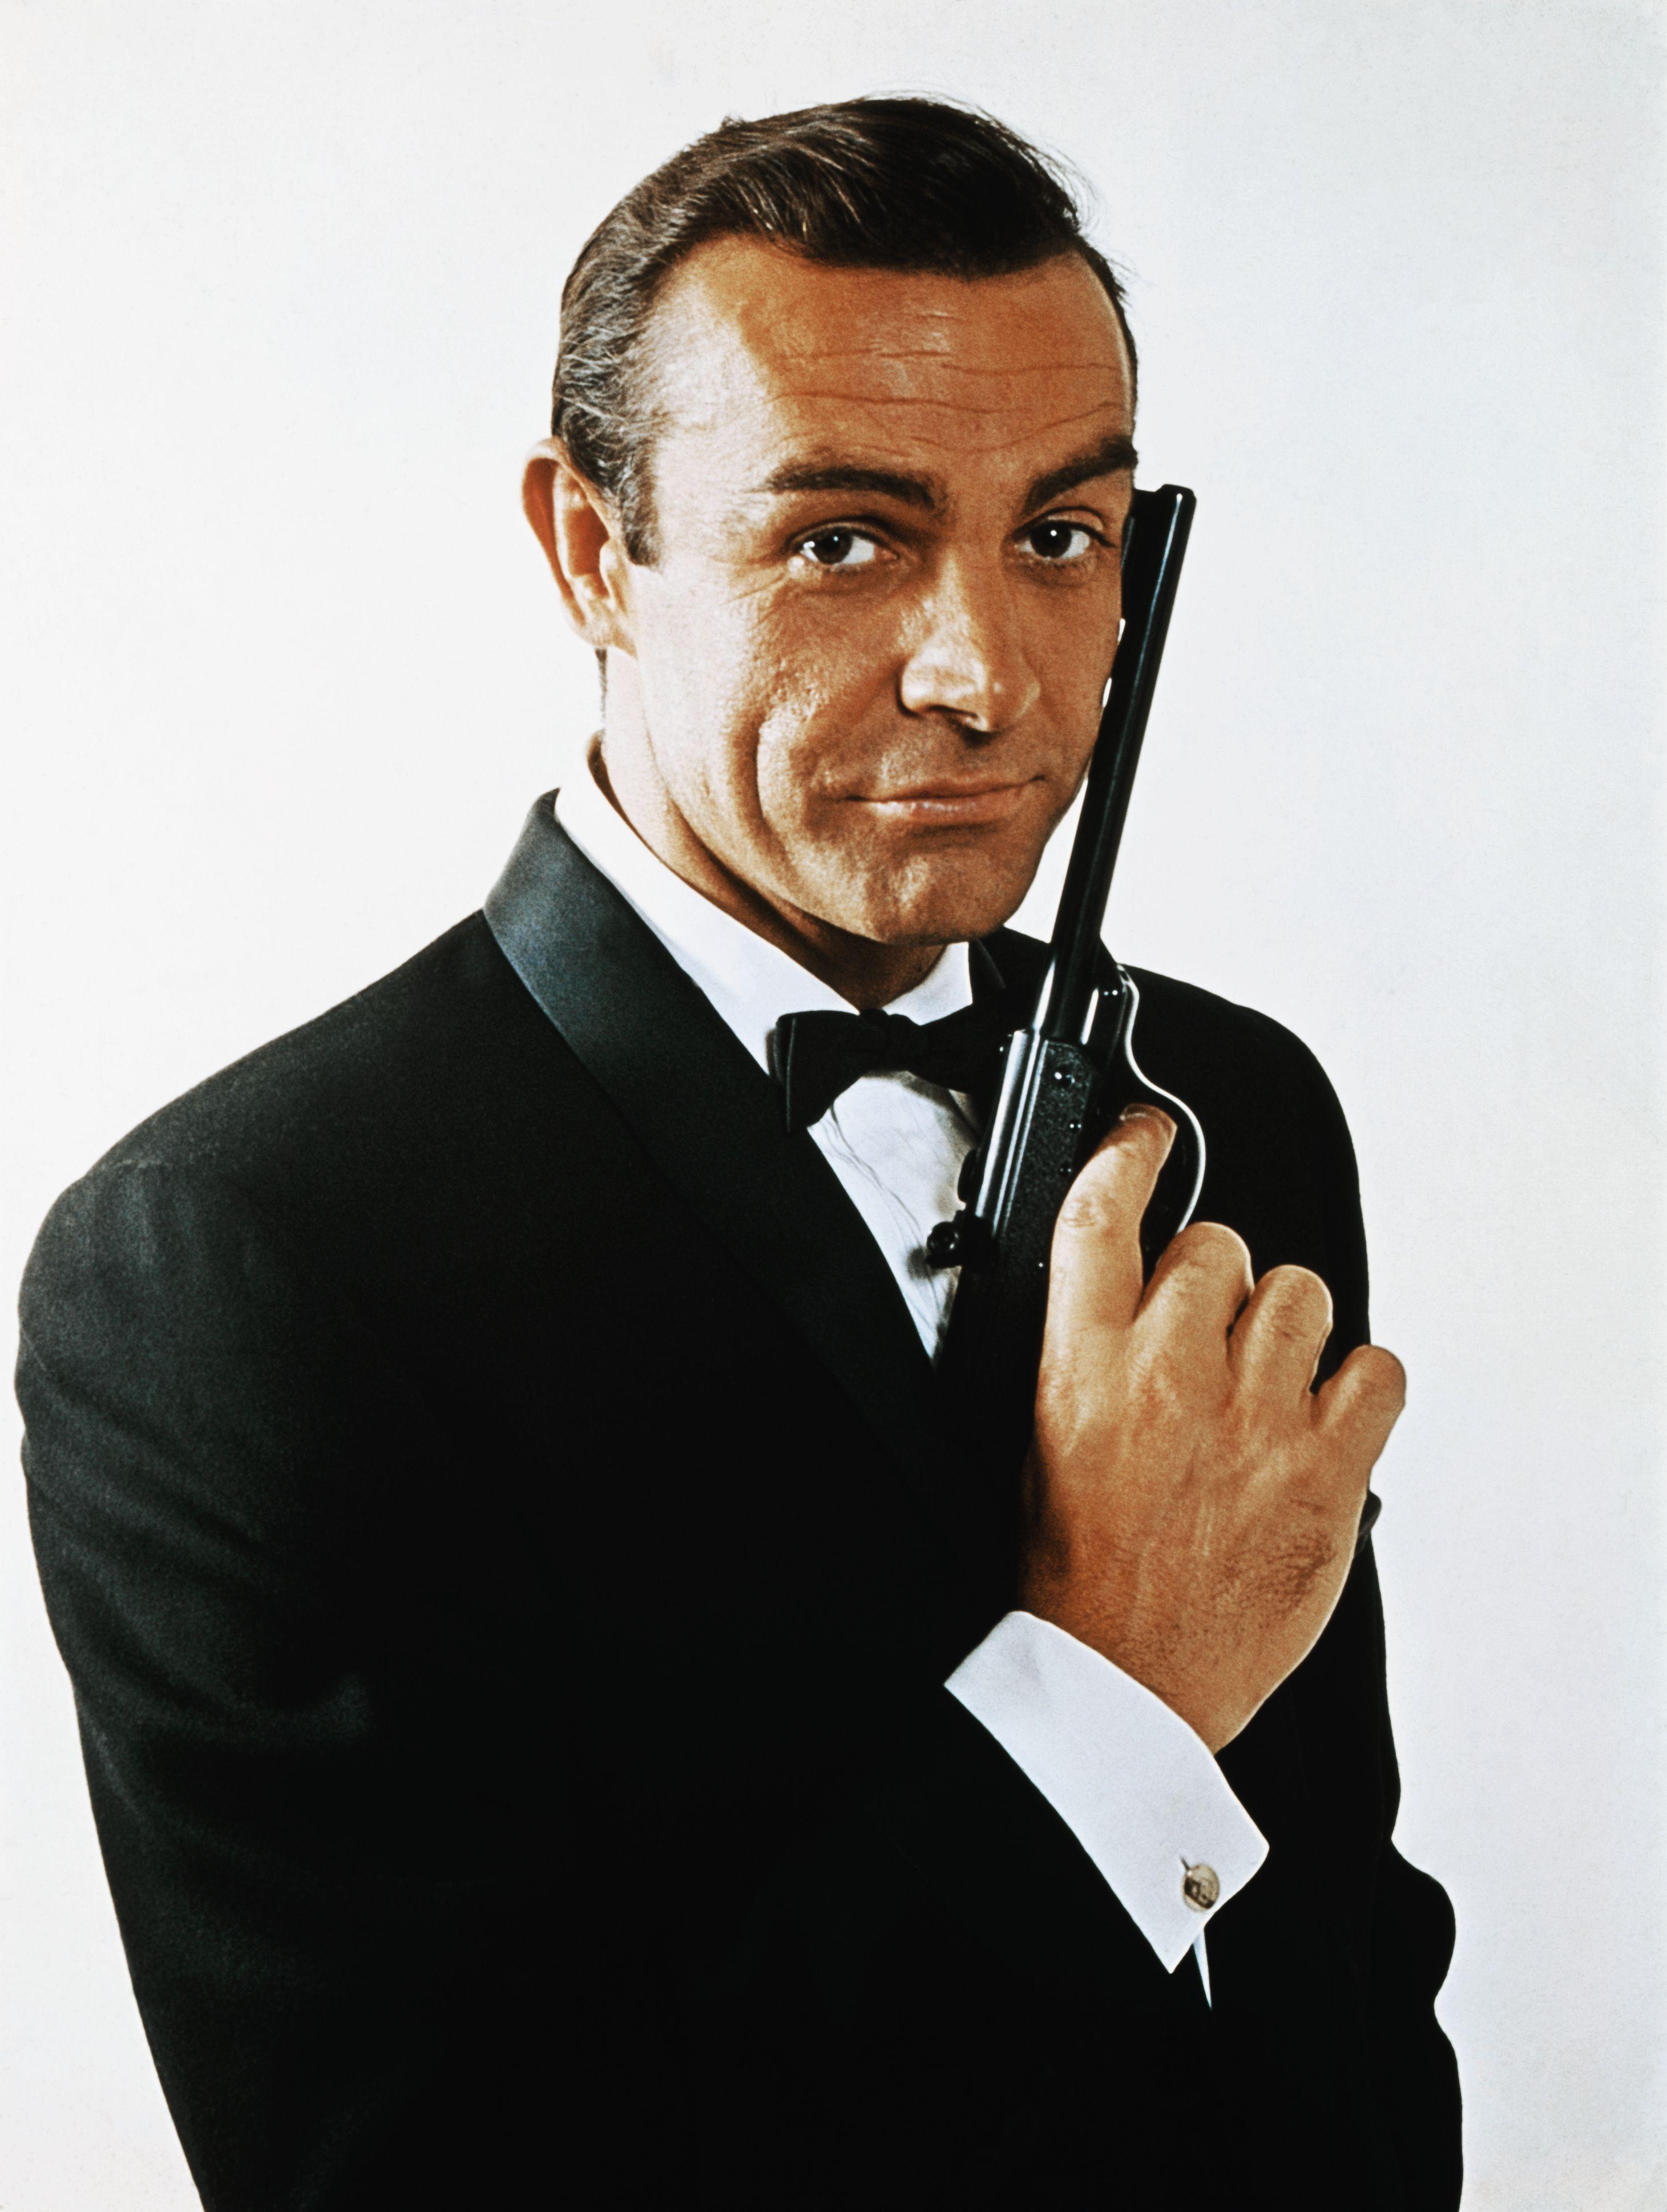 3. Sean Connery